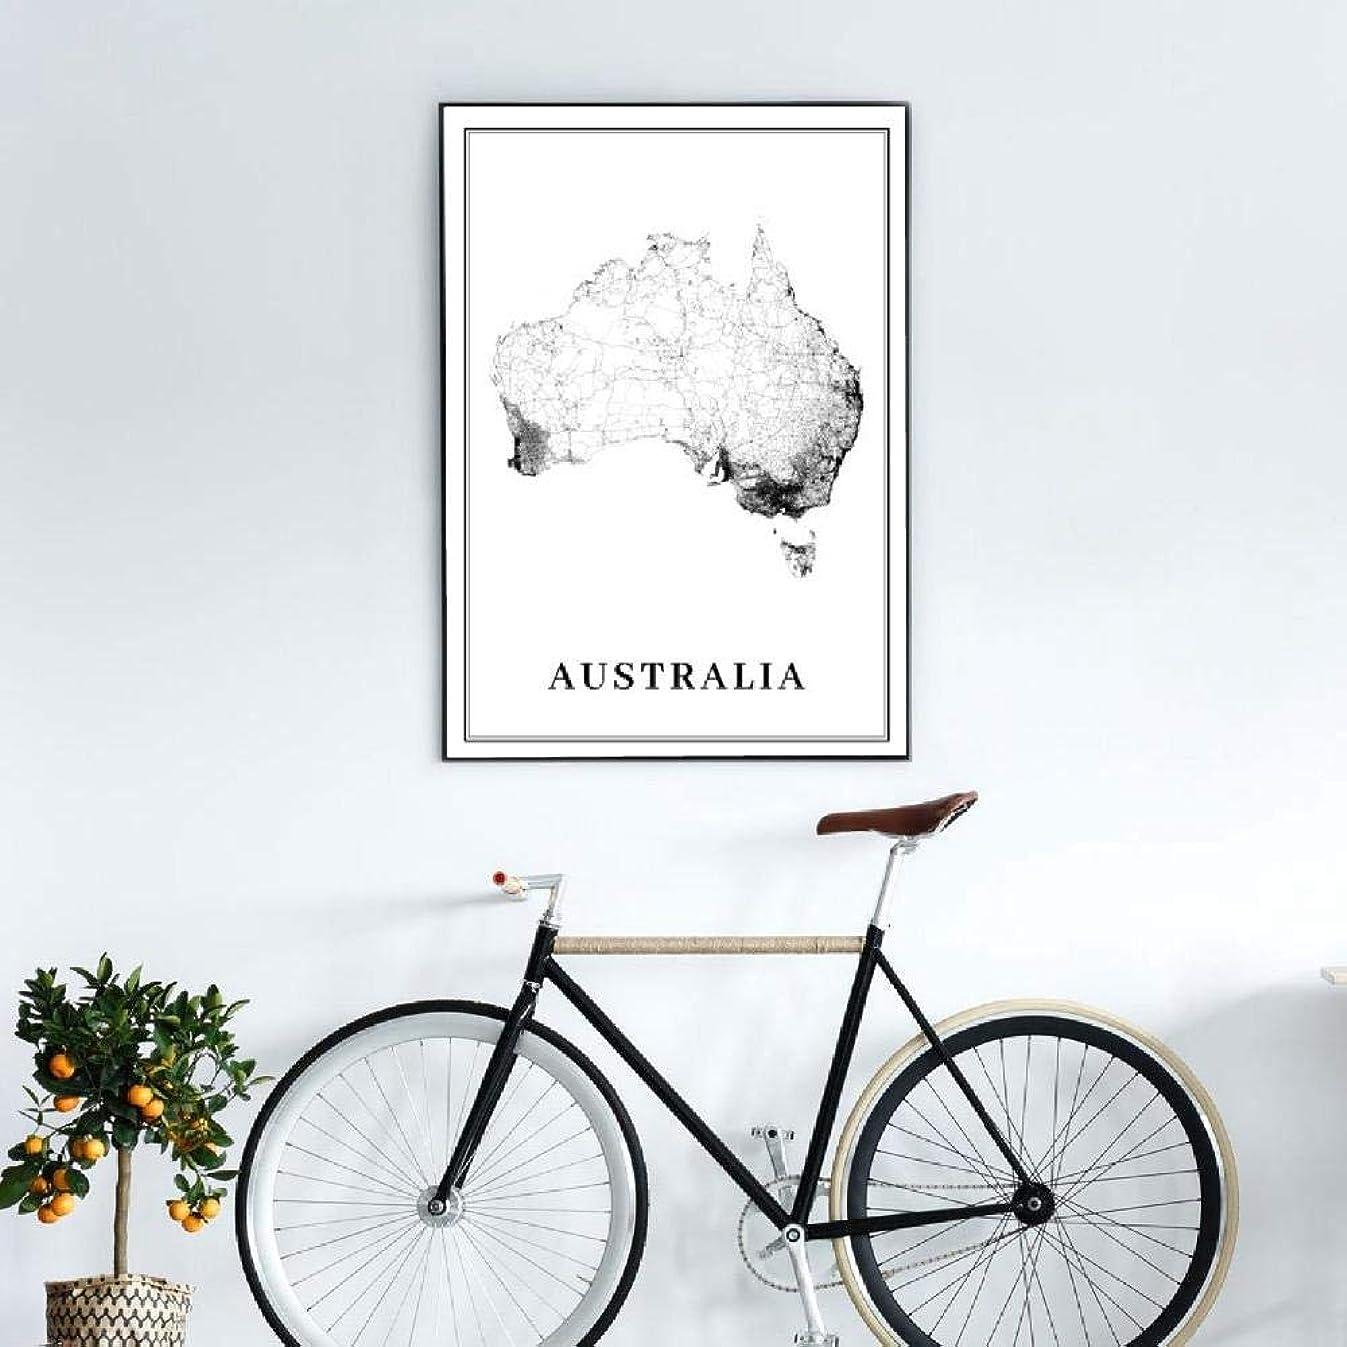 決定化学薬品古いオーストラリアシティロードマップアートポスタープリントシドニーメルボルンブリスベンオセアニアマップアート絵画絵オフィスウォール(50x70cmx1フレームなし)